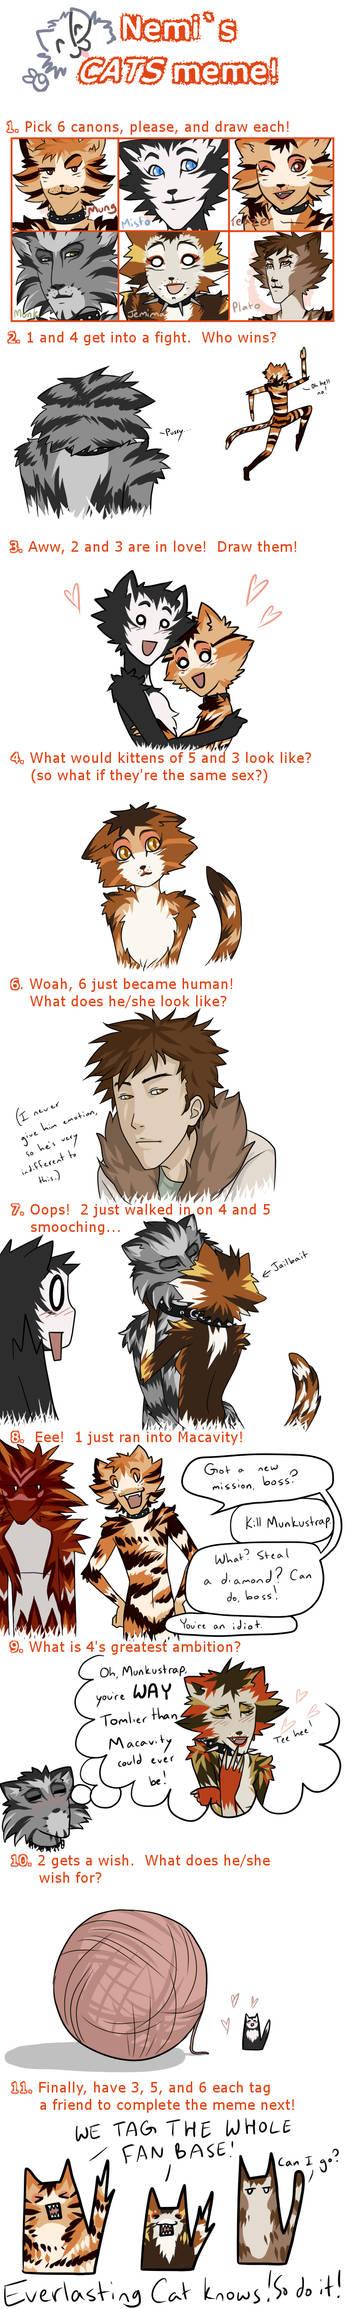 Nemi's CATS Meme